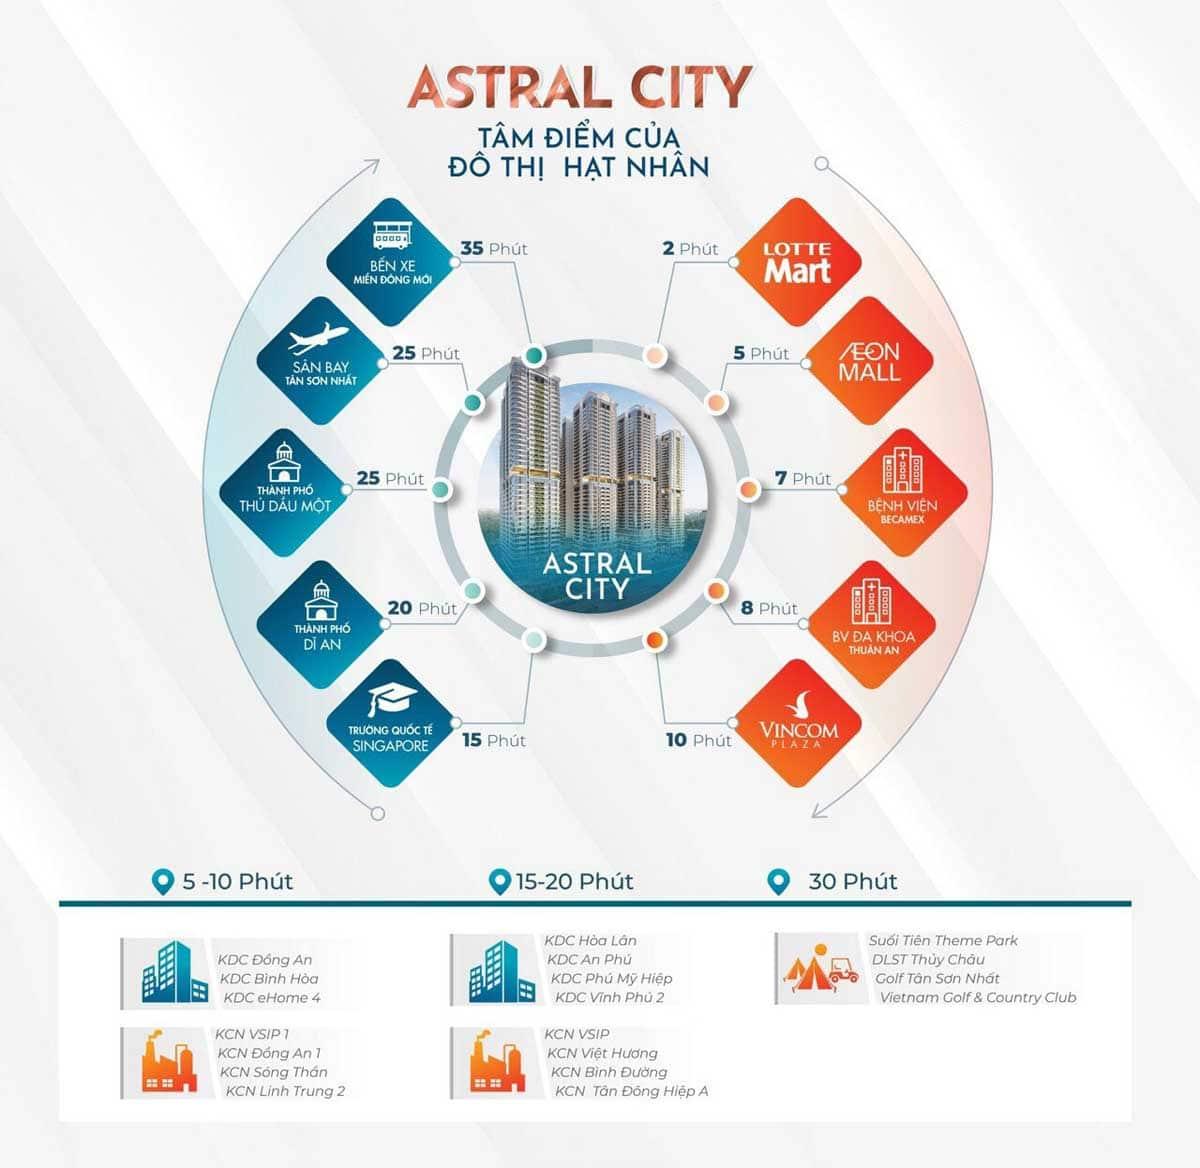 tien ich lien ket vung du an astral city binh duong - ASTRAL CITY